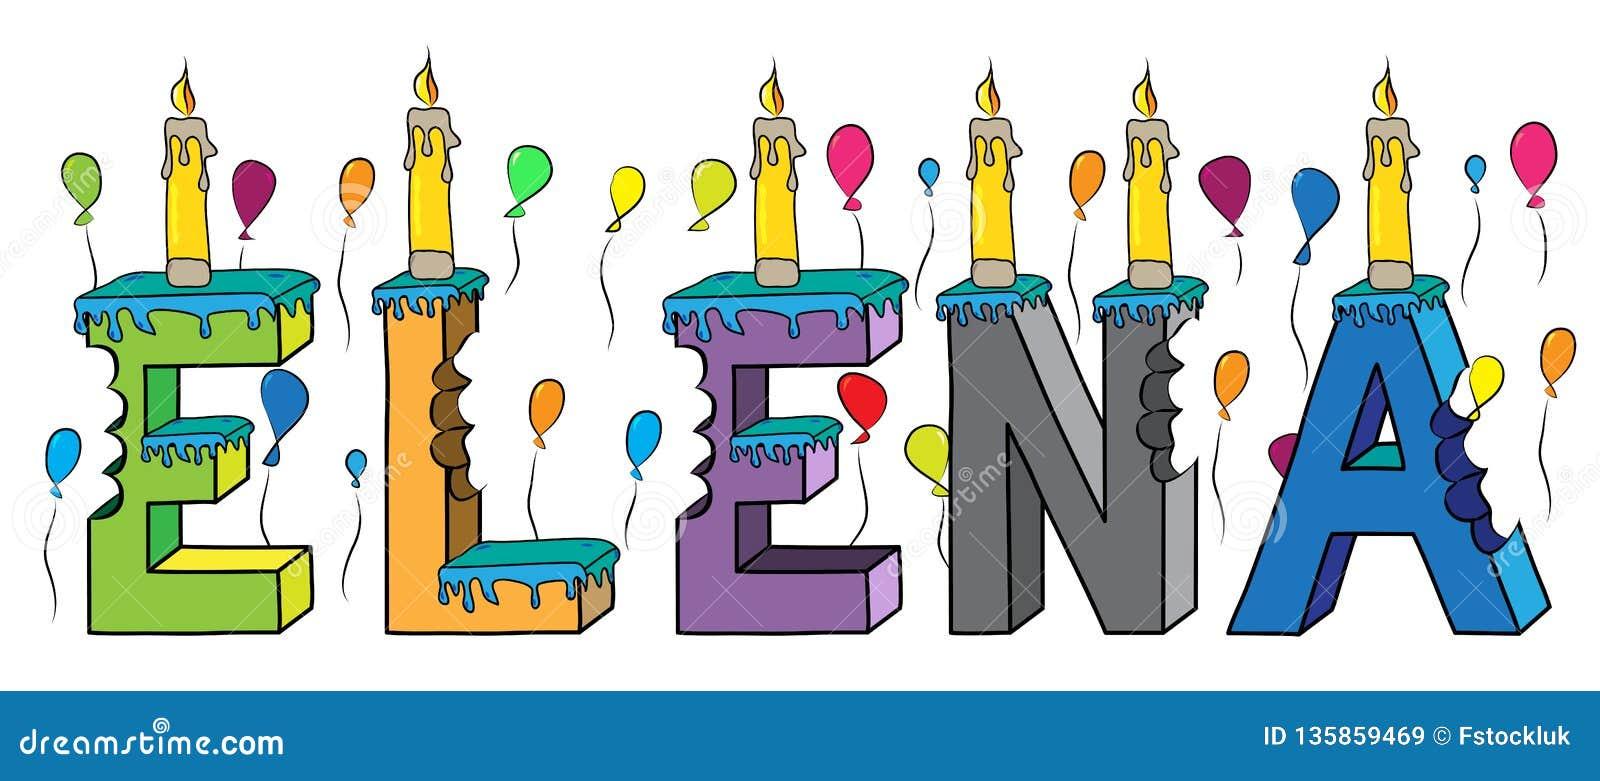 Elena nome fêmea 3d colorido mordido que rotula o bolo de aniversário com velas e balões